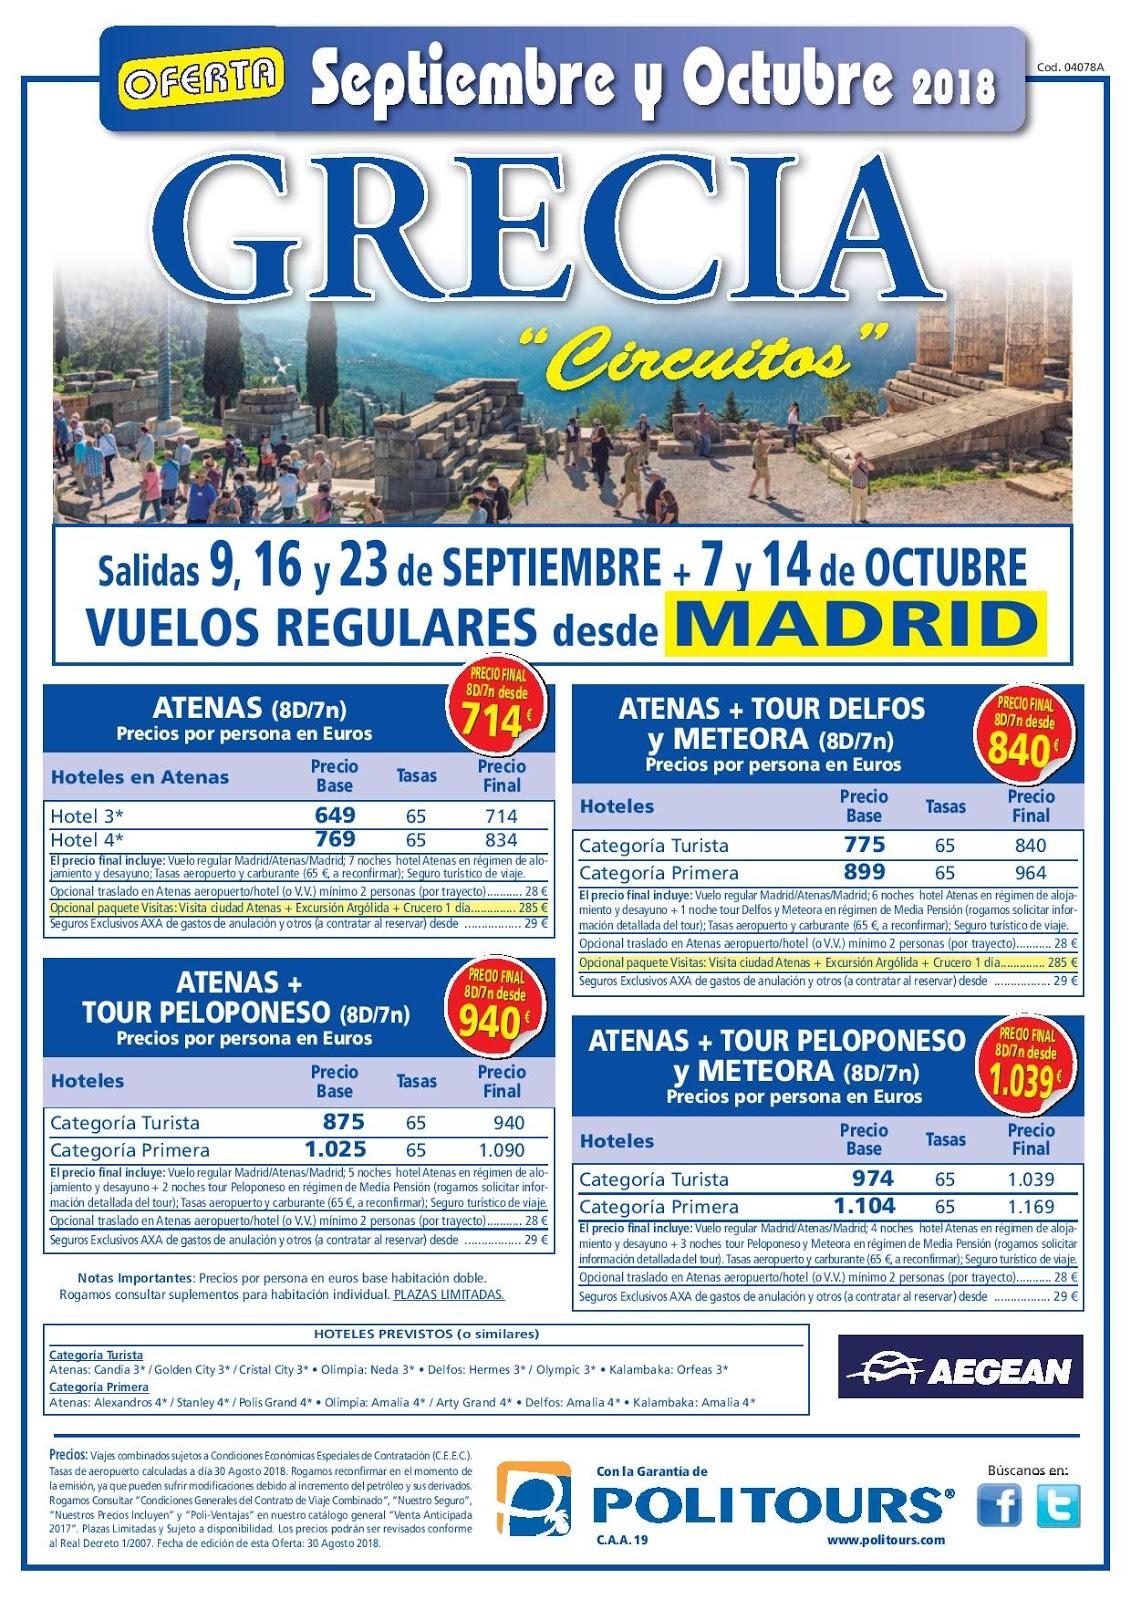 Circuito Grecia : Viajes irache iratxe bidaiak agencia de viajes en vitoria gasteiz